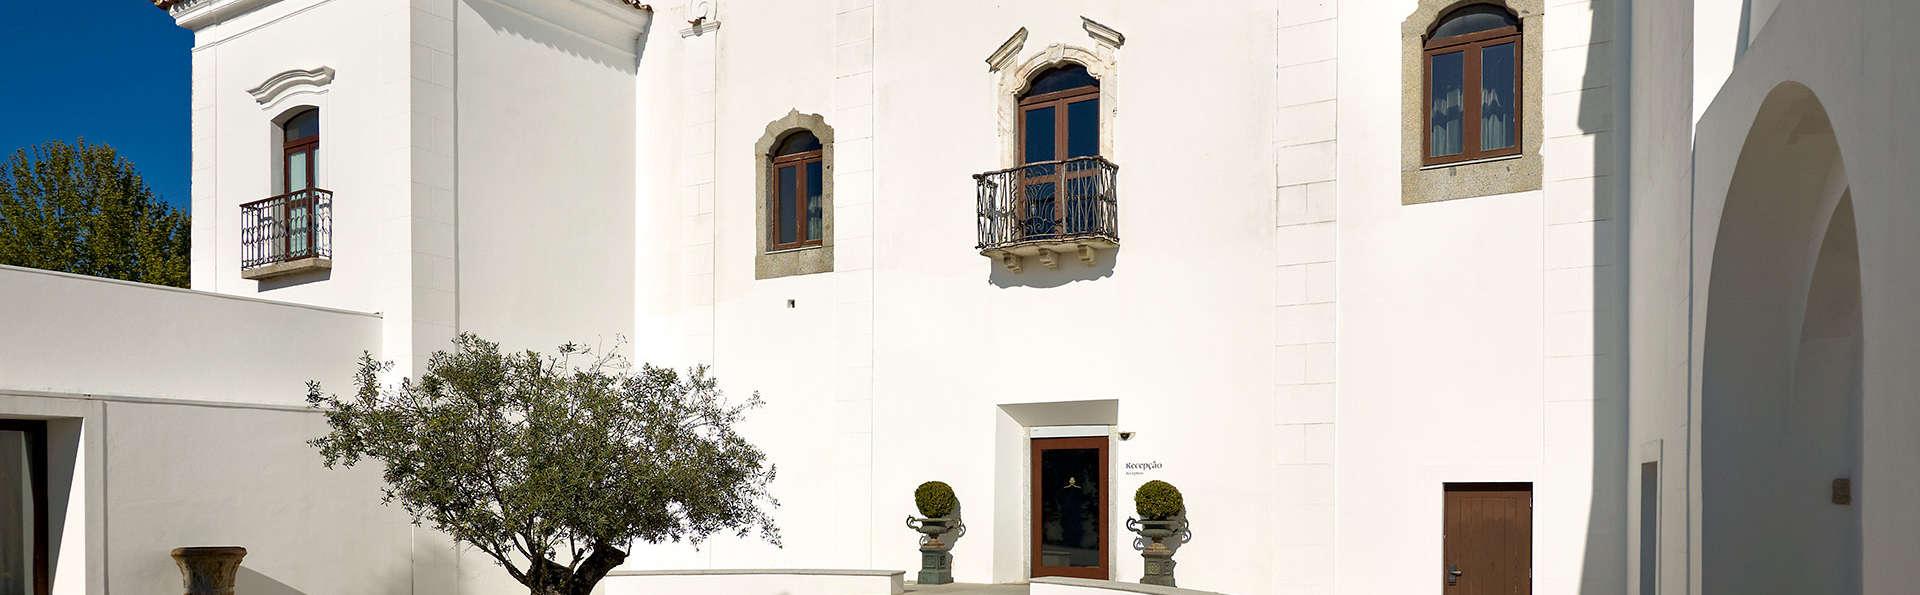 Hotel Convento do Espinheiro - EDIT_front.jpg